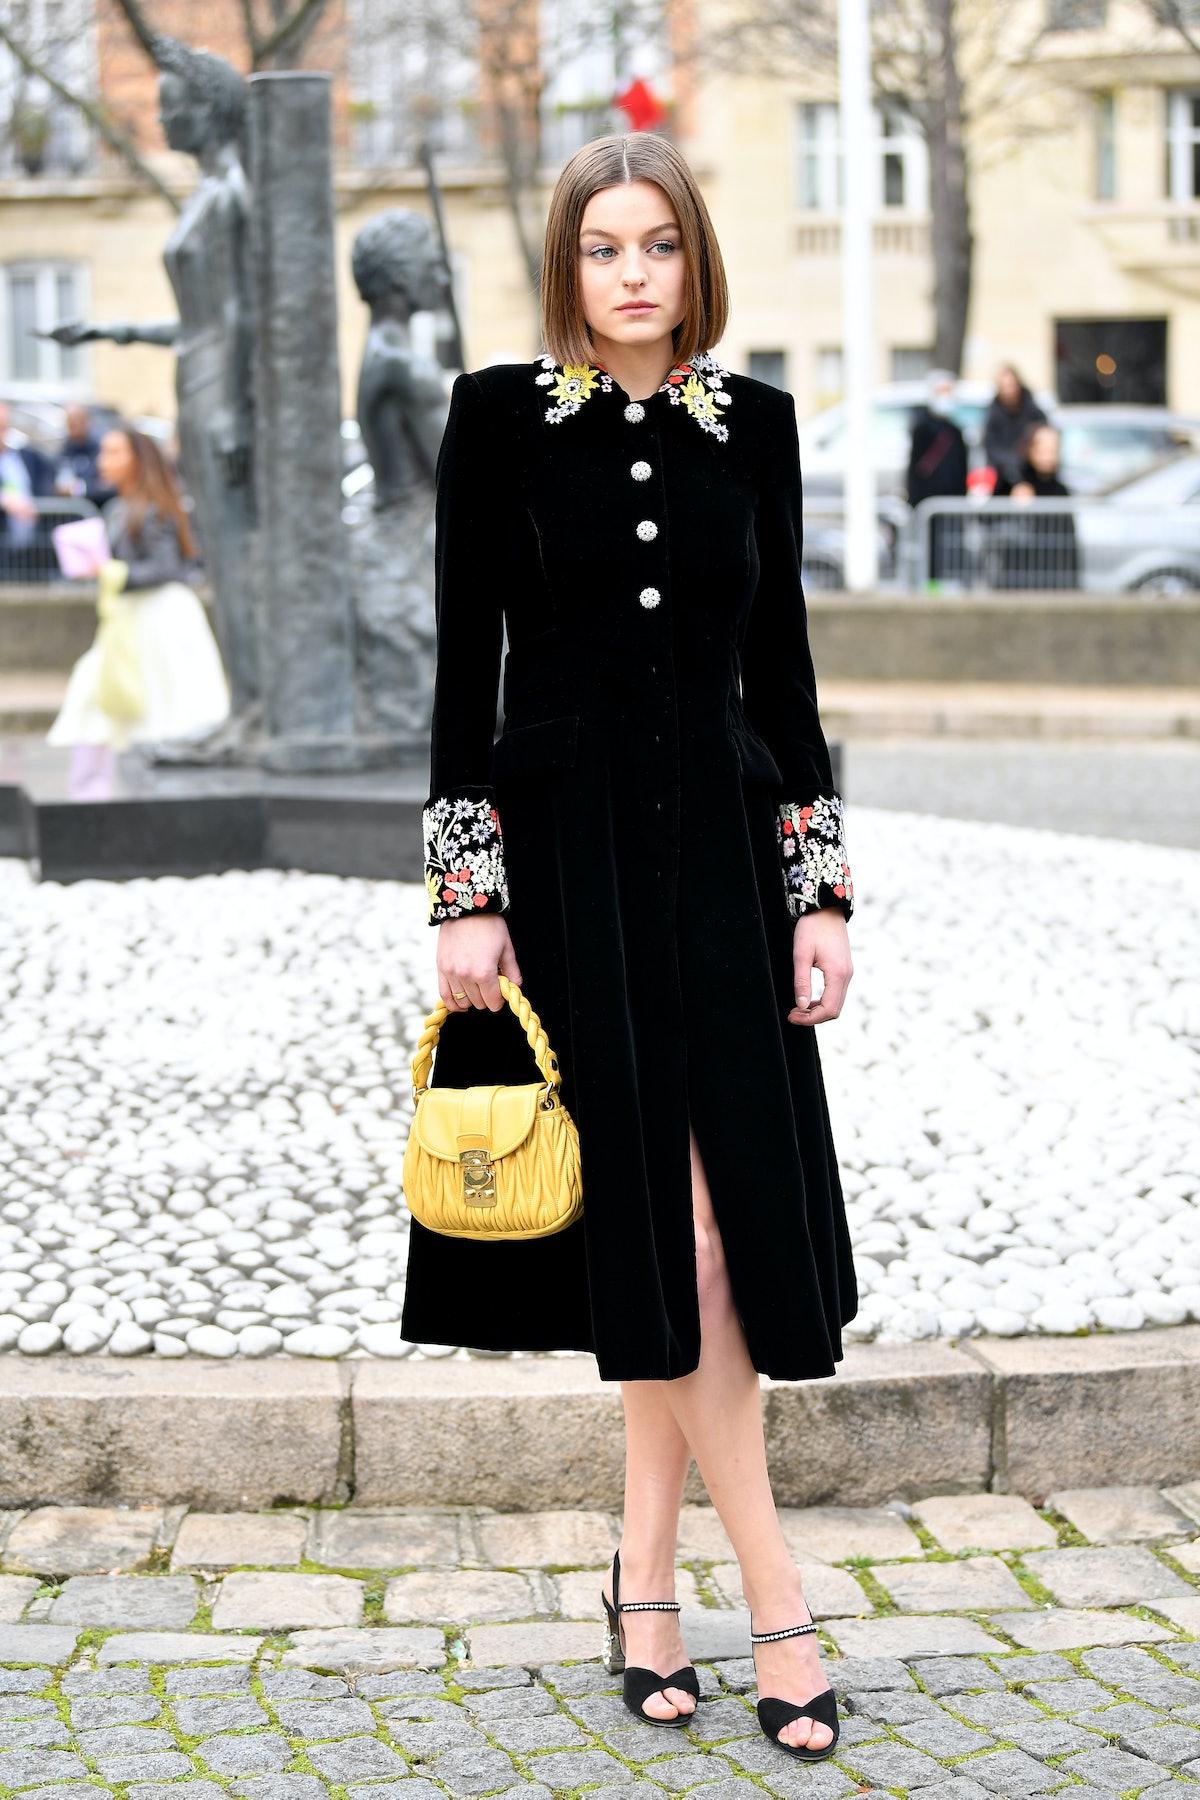 اما کورین در نمایشگاه Miu Miu به عنوان بخشی از لباس زنانه هفته مد پاریس در پاییز/زمستان 2020/2 شرکت می کند ...